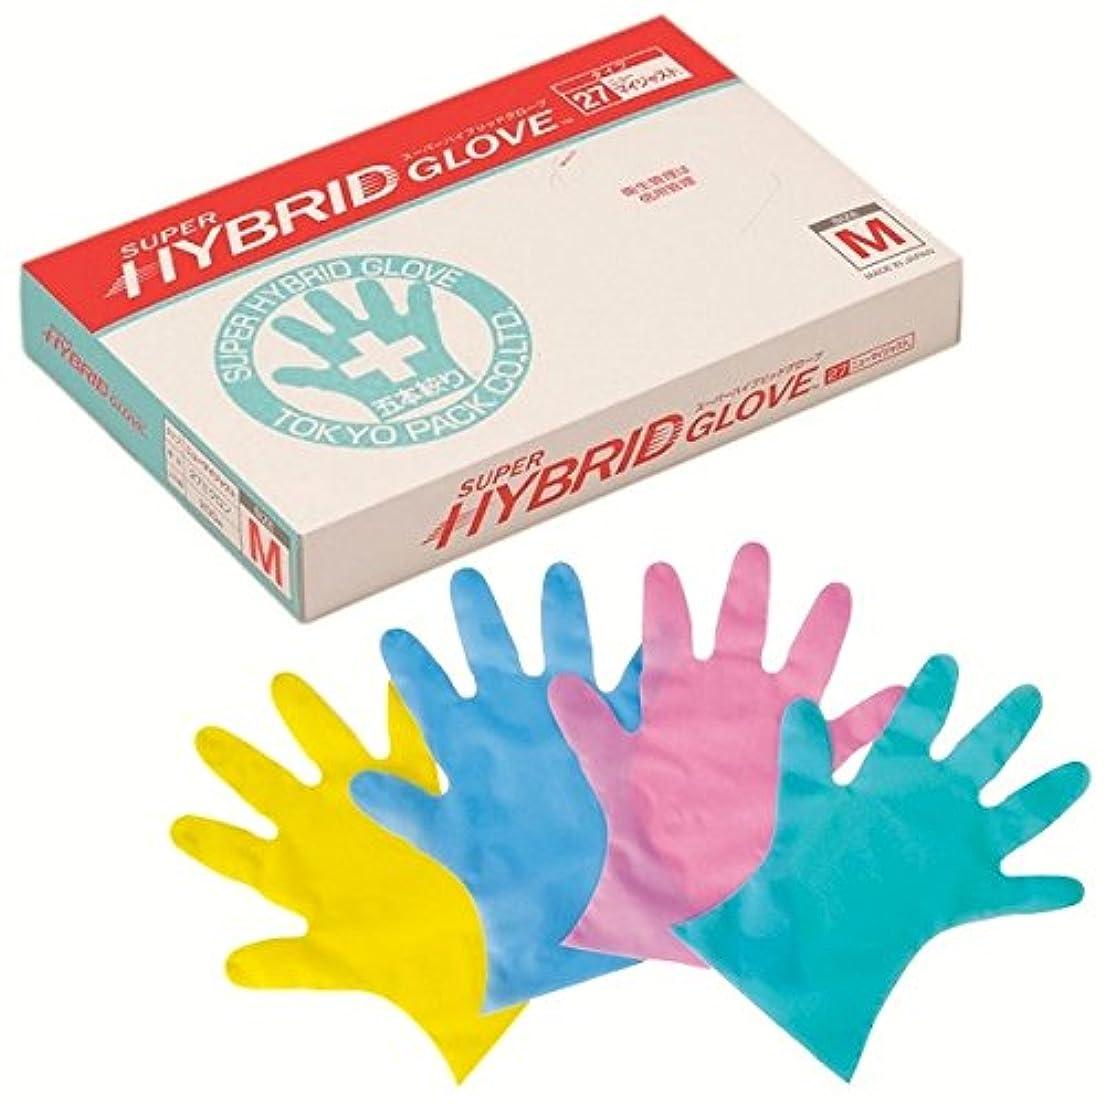 スモッグ適用する選択東京パック エンボス手袋 スーパーハイブリッドグローブ ニューマイジャスト ピンク M 200枚